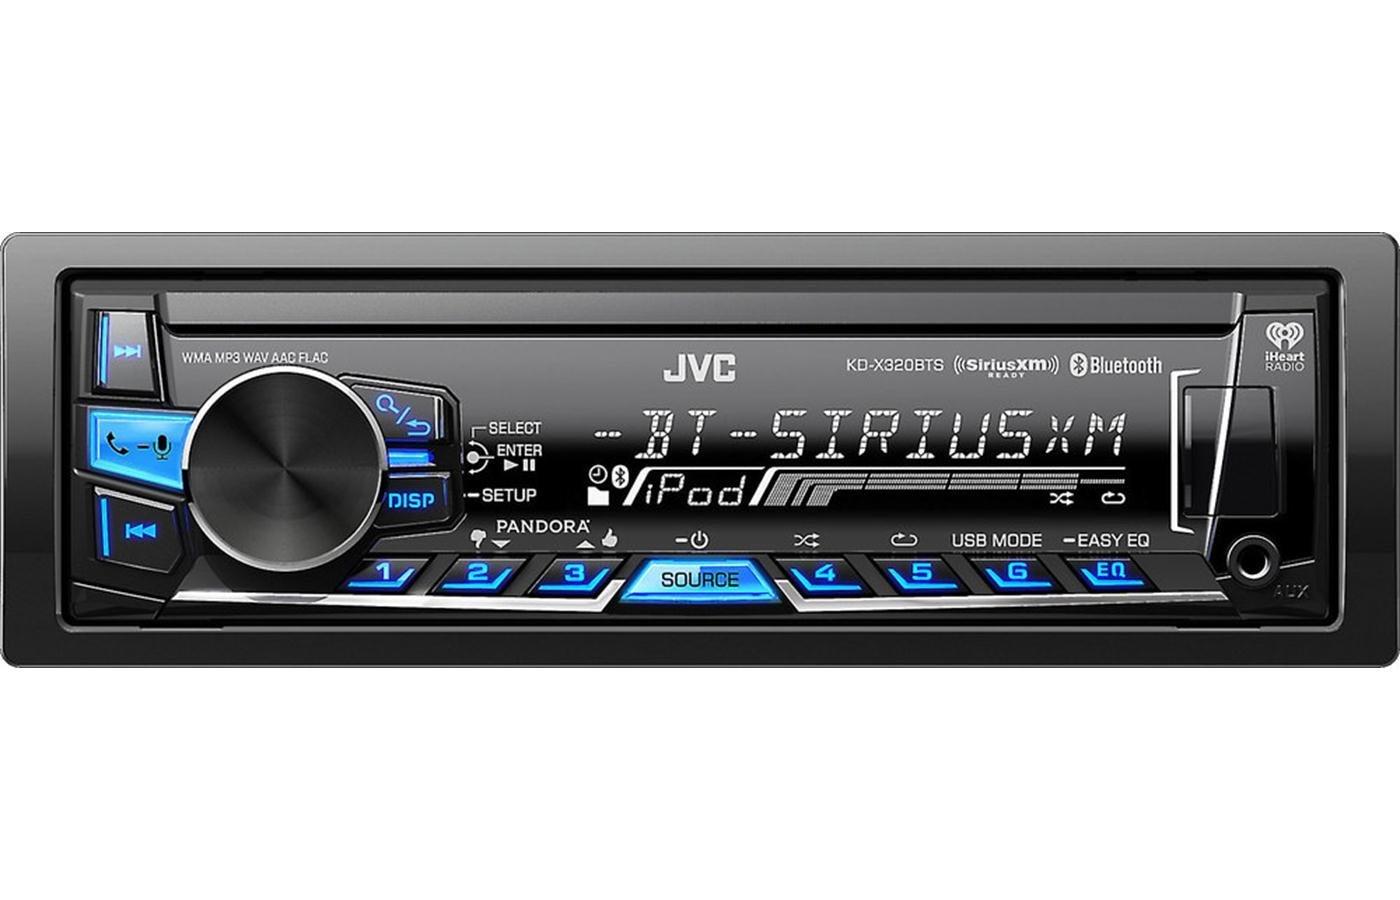 JVC Digital Media Receiver (KD-X320BTS)